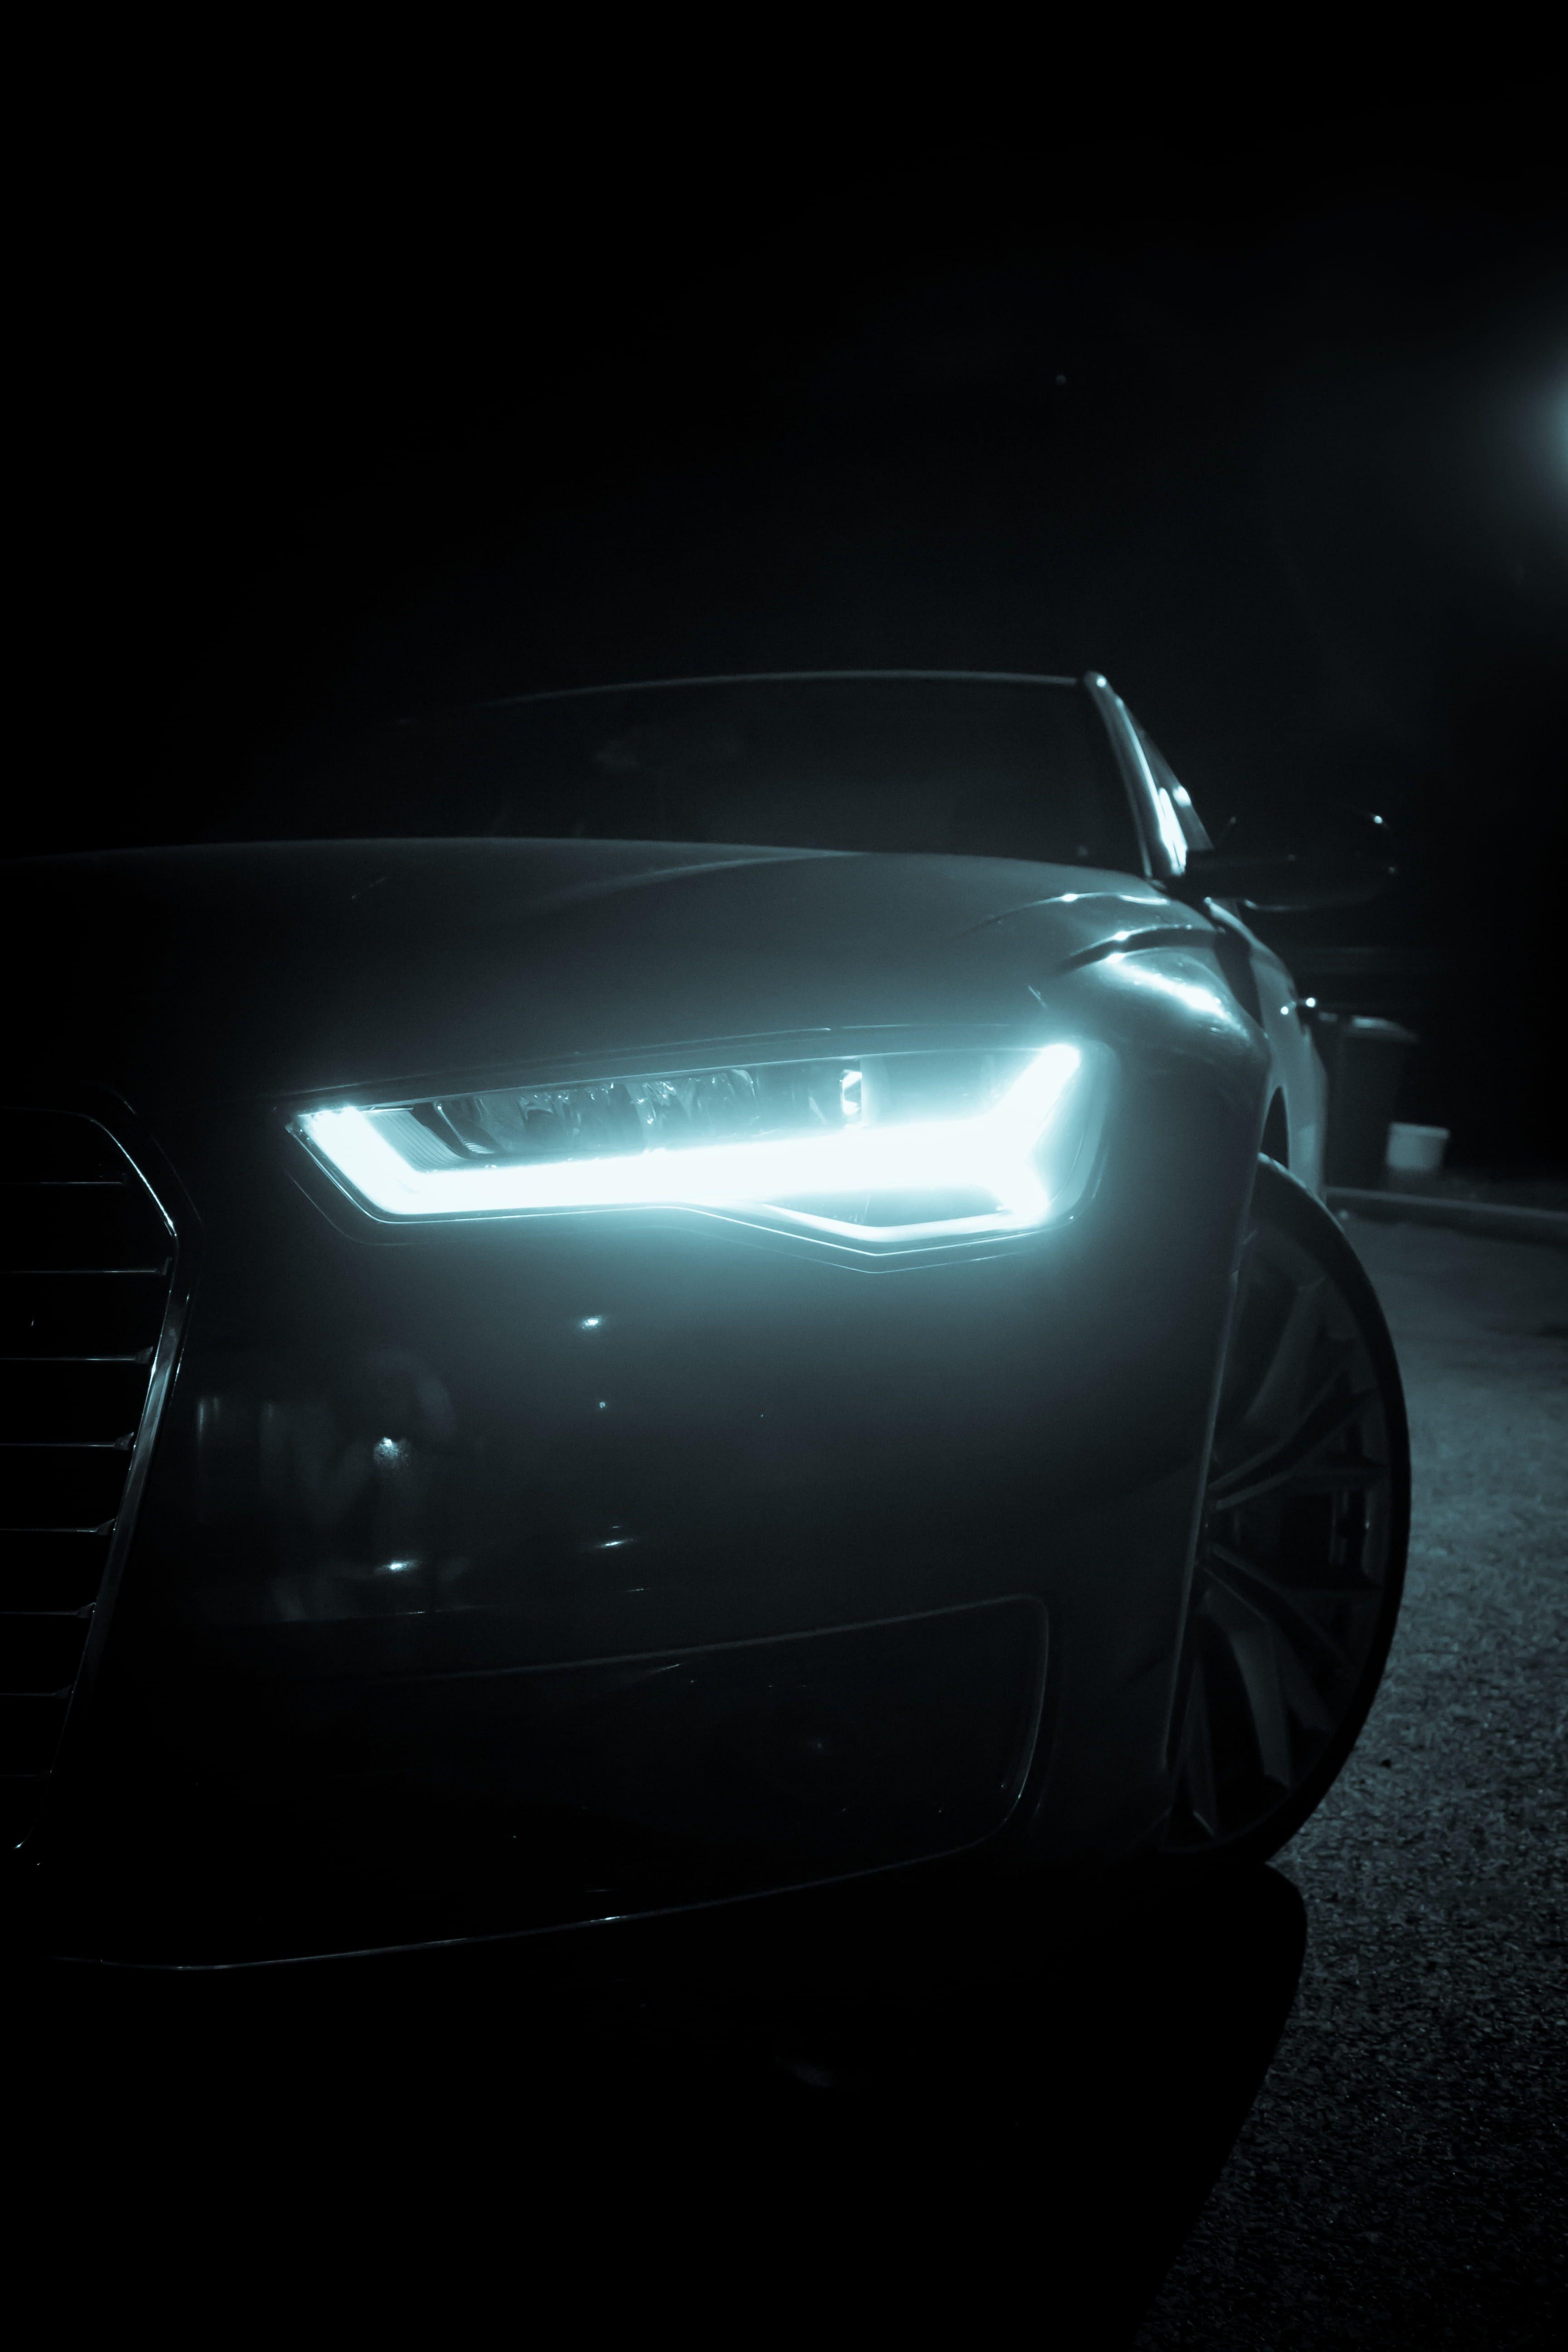 Night Vision Led Light Led Audi Rs6 Rs6 A6 Audi A6 Light Car Audi 5k Wallpaper Hdwallpaper Desktop Audi Rs6 Audi A6 Audi